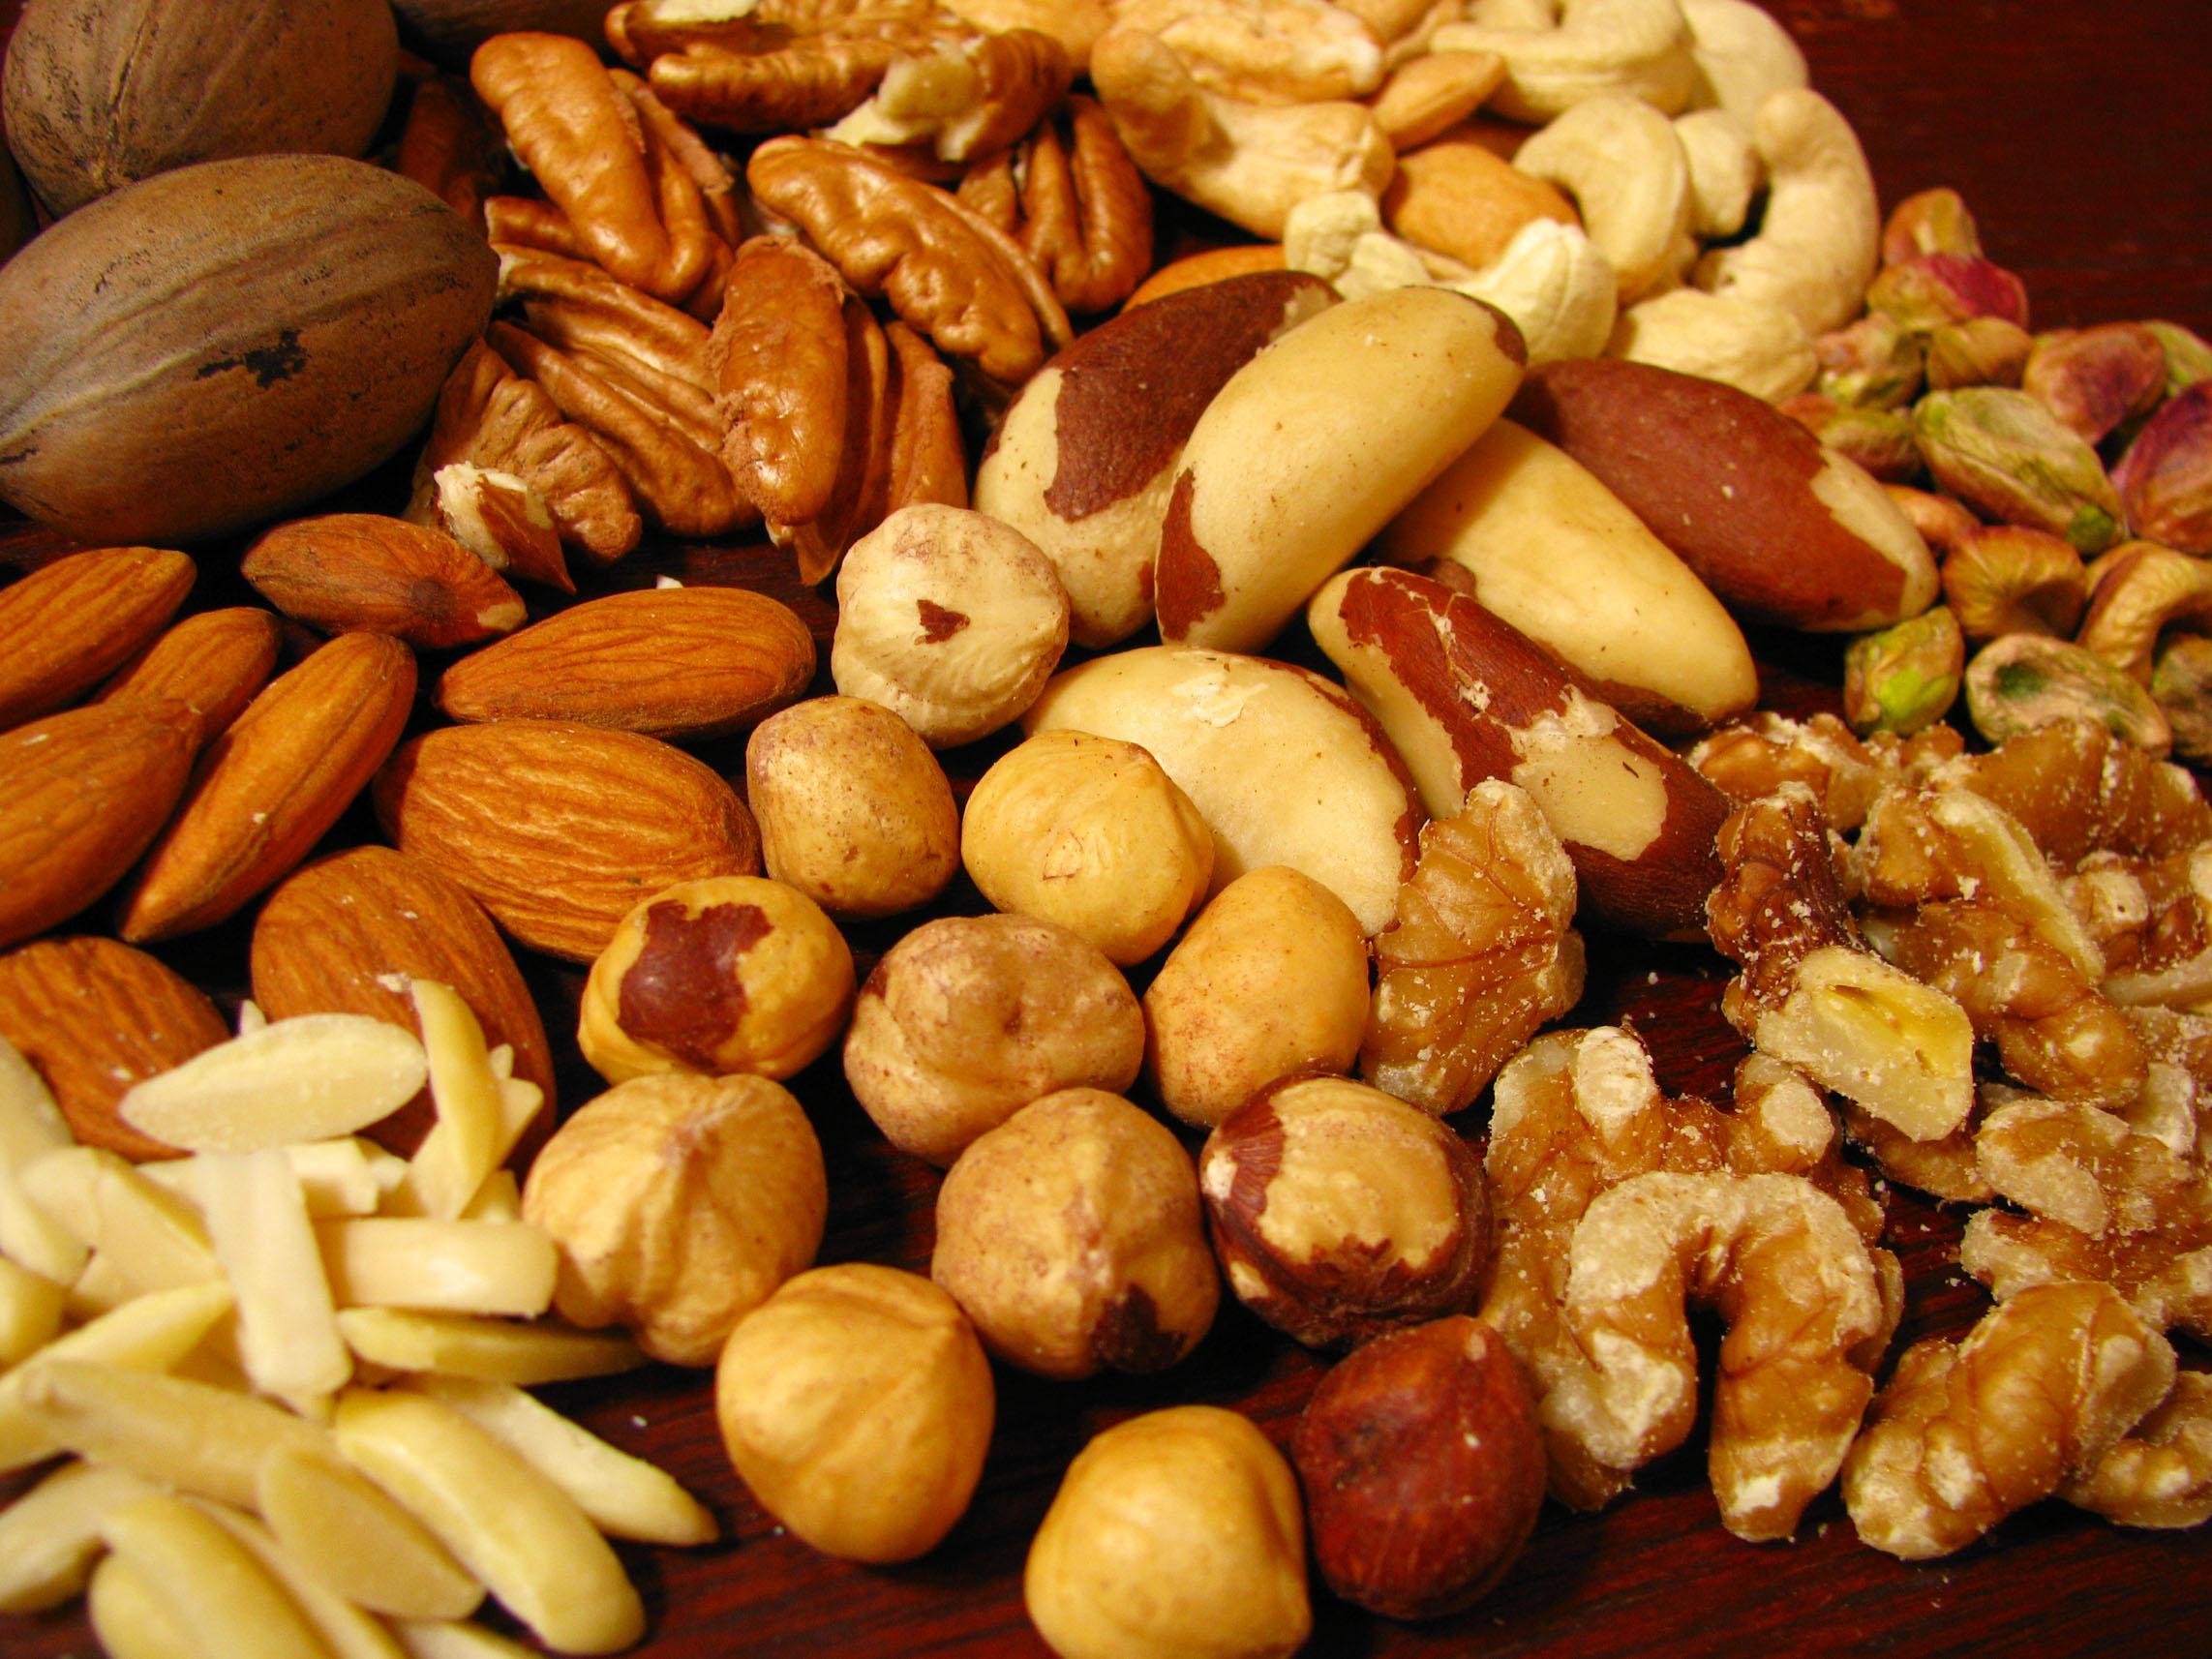 Dieta della frutta secca: come perdere peso in modo sano